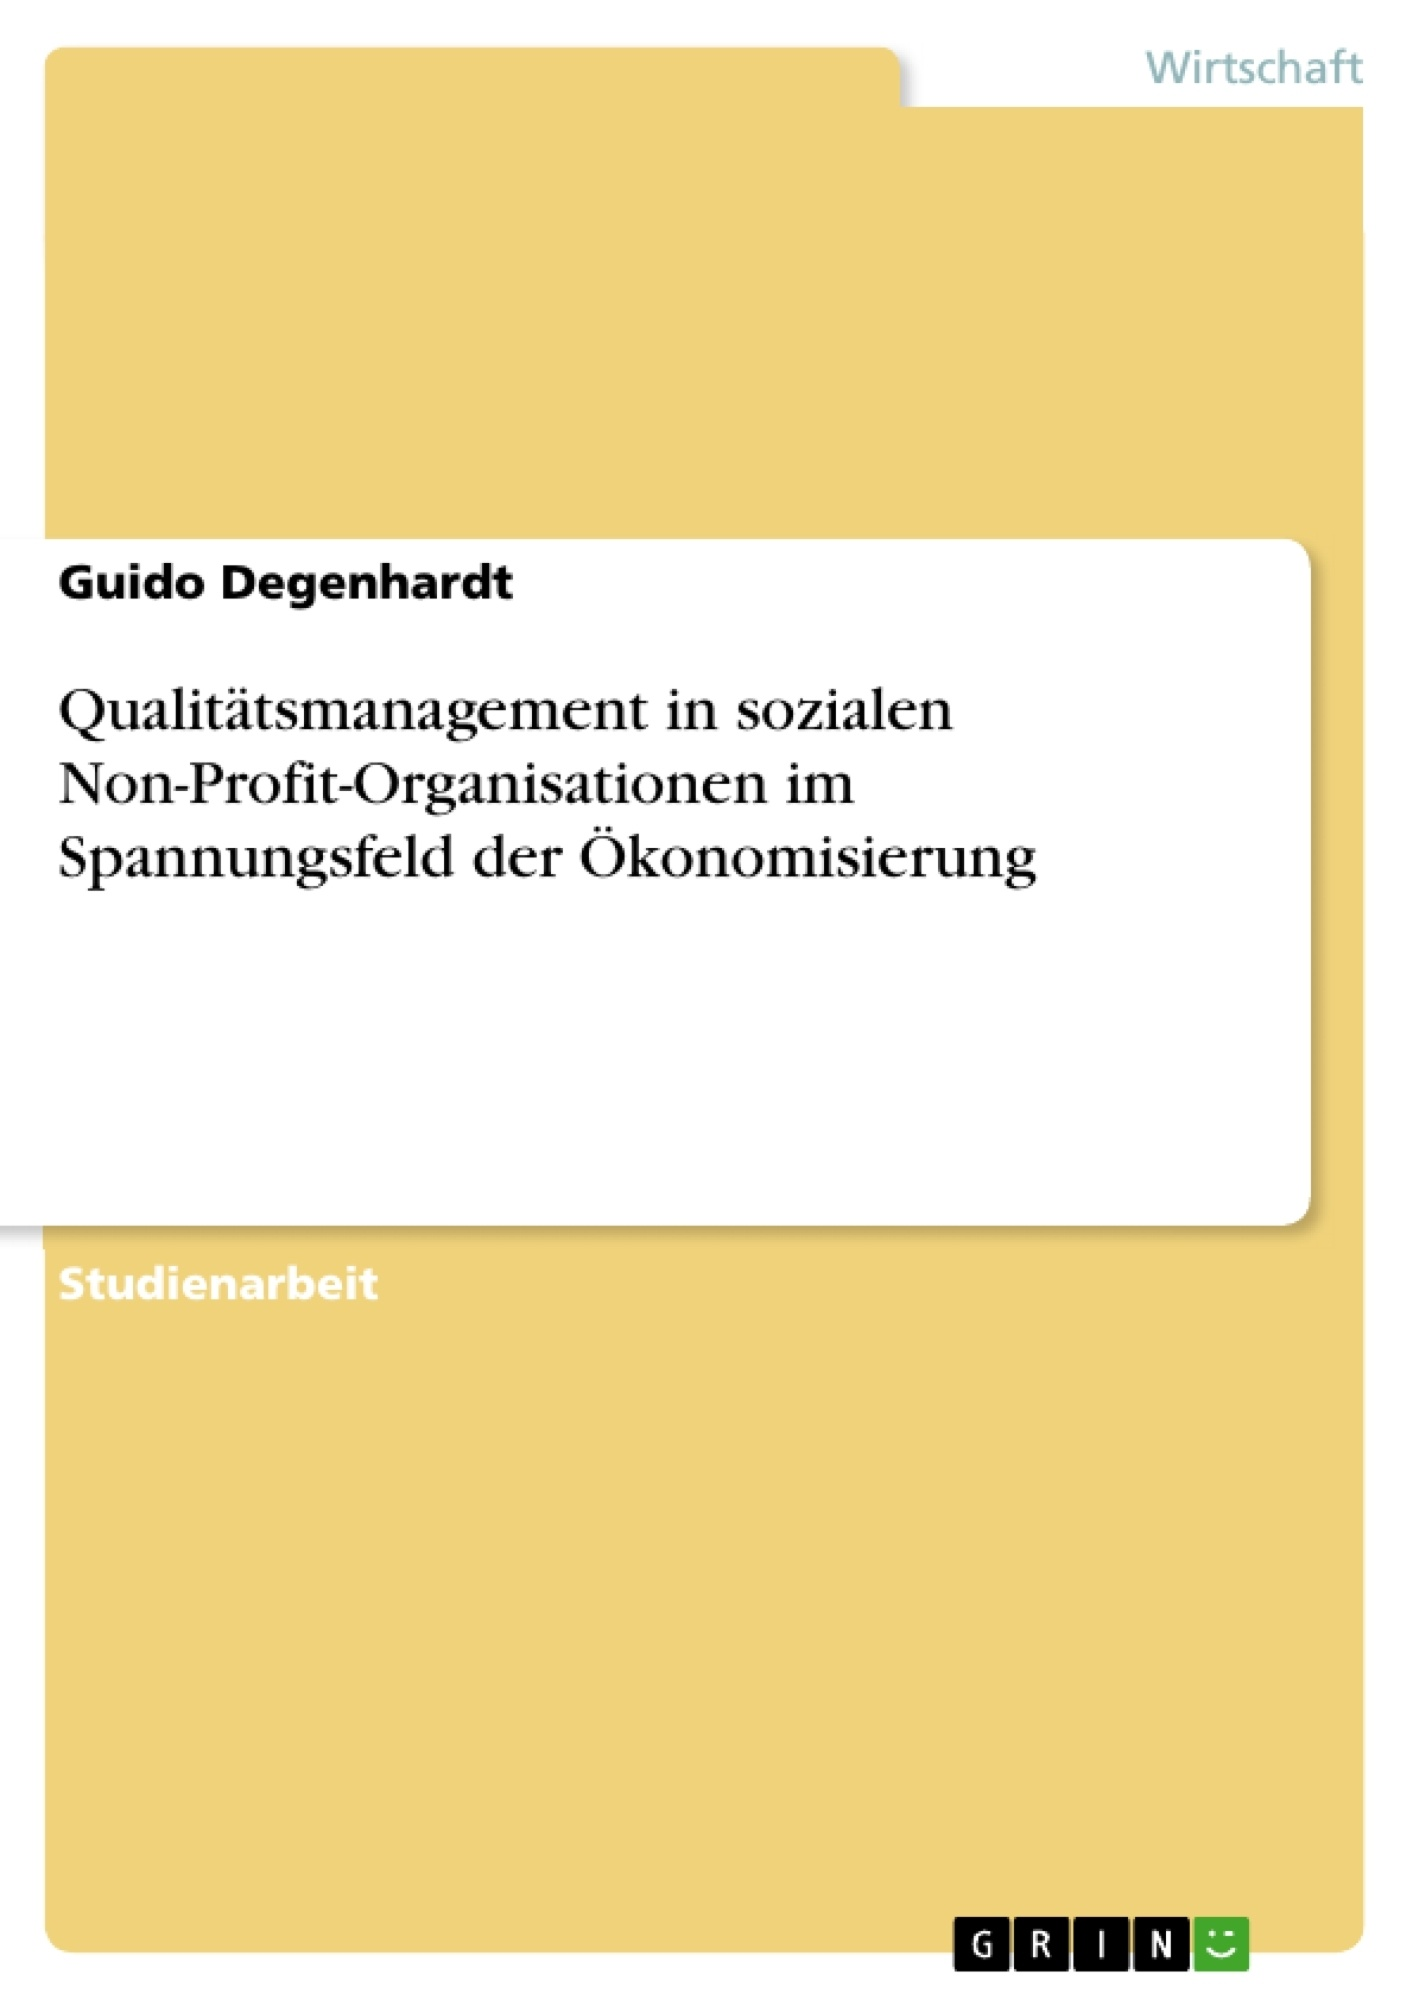 Titel: Qualitätsmanagement in sozialen Non-Profit-Organisationen im Spannungsfeld der Ökonomisierung